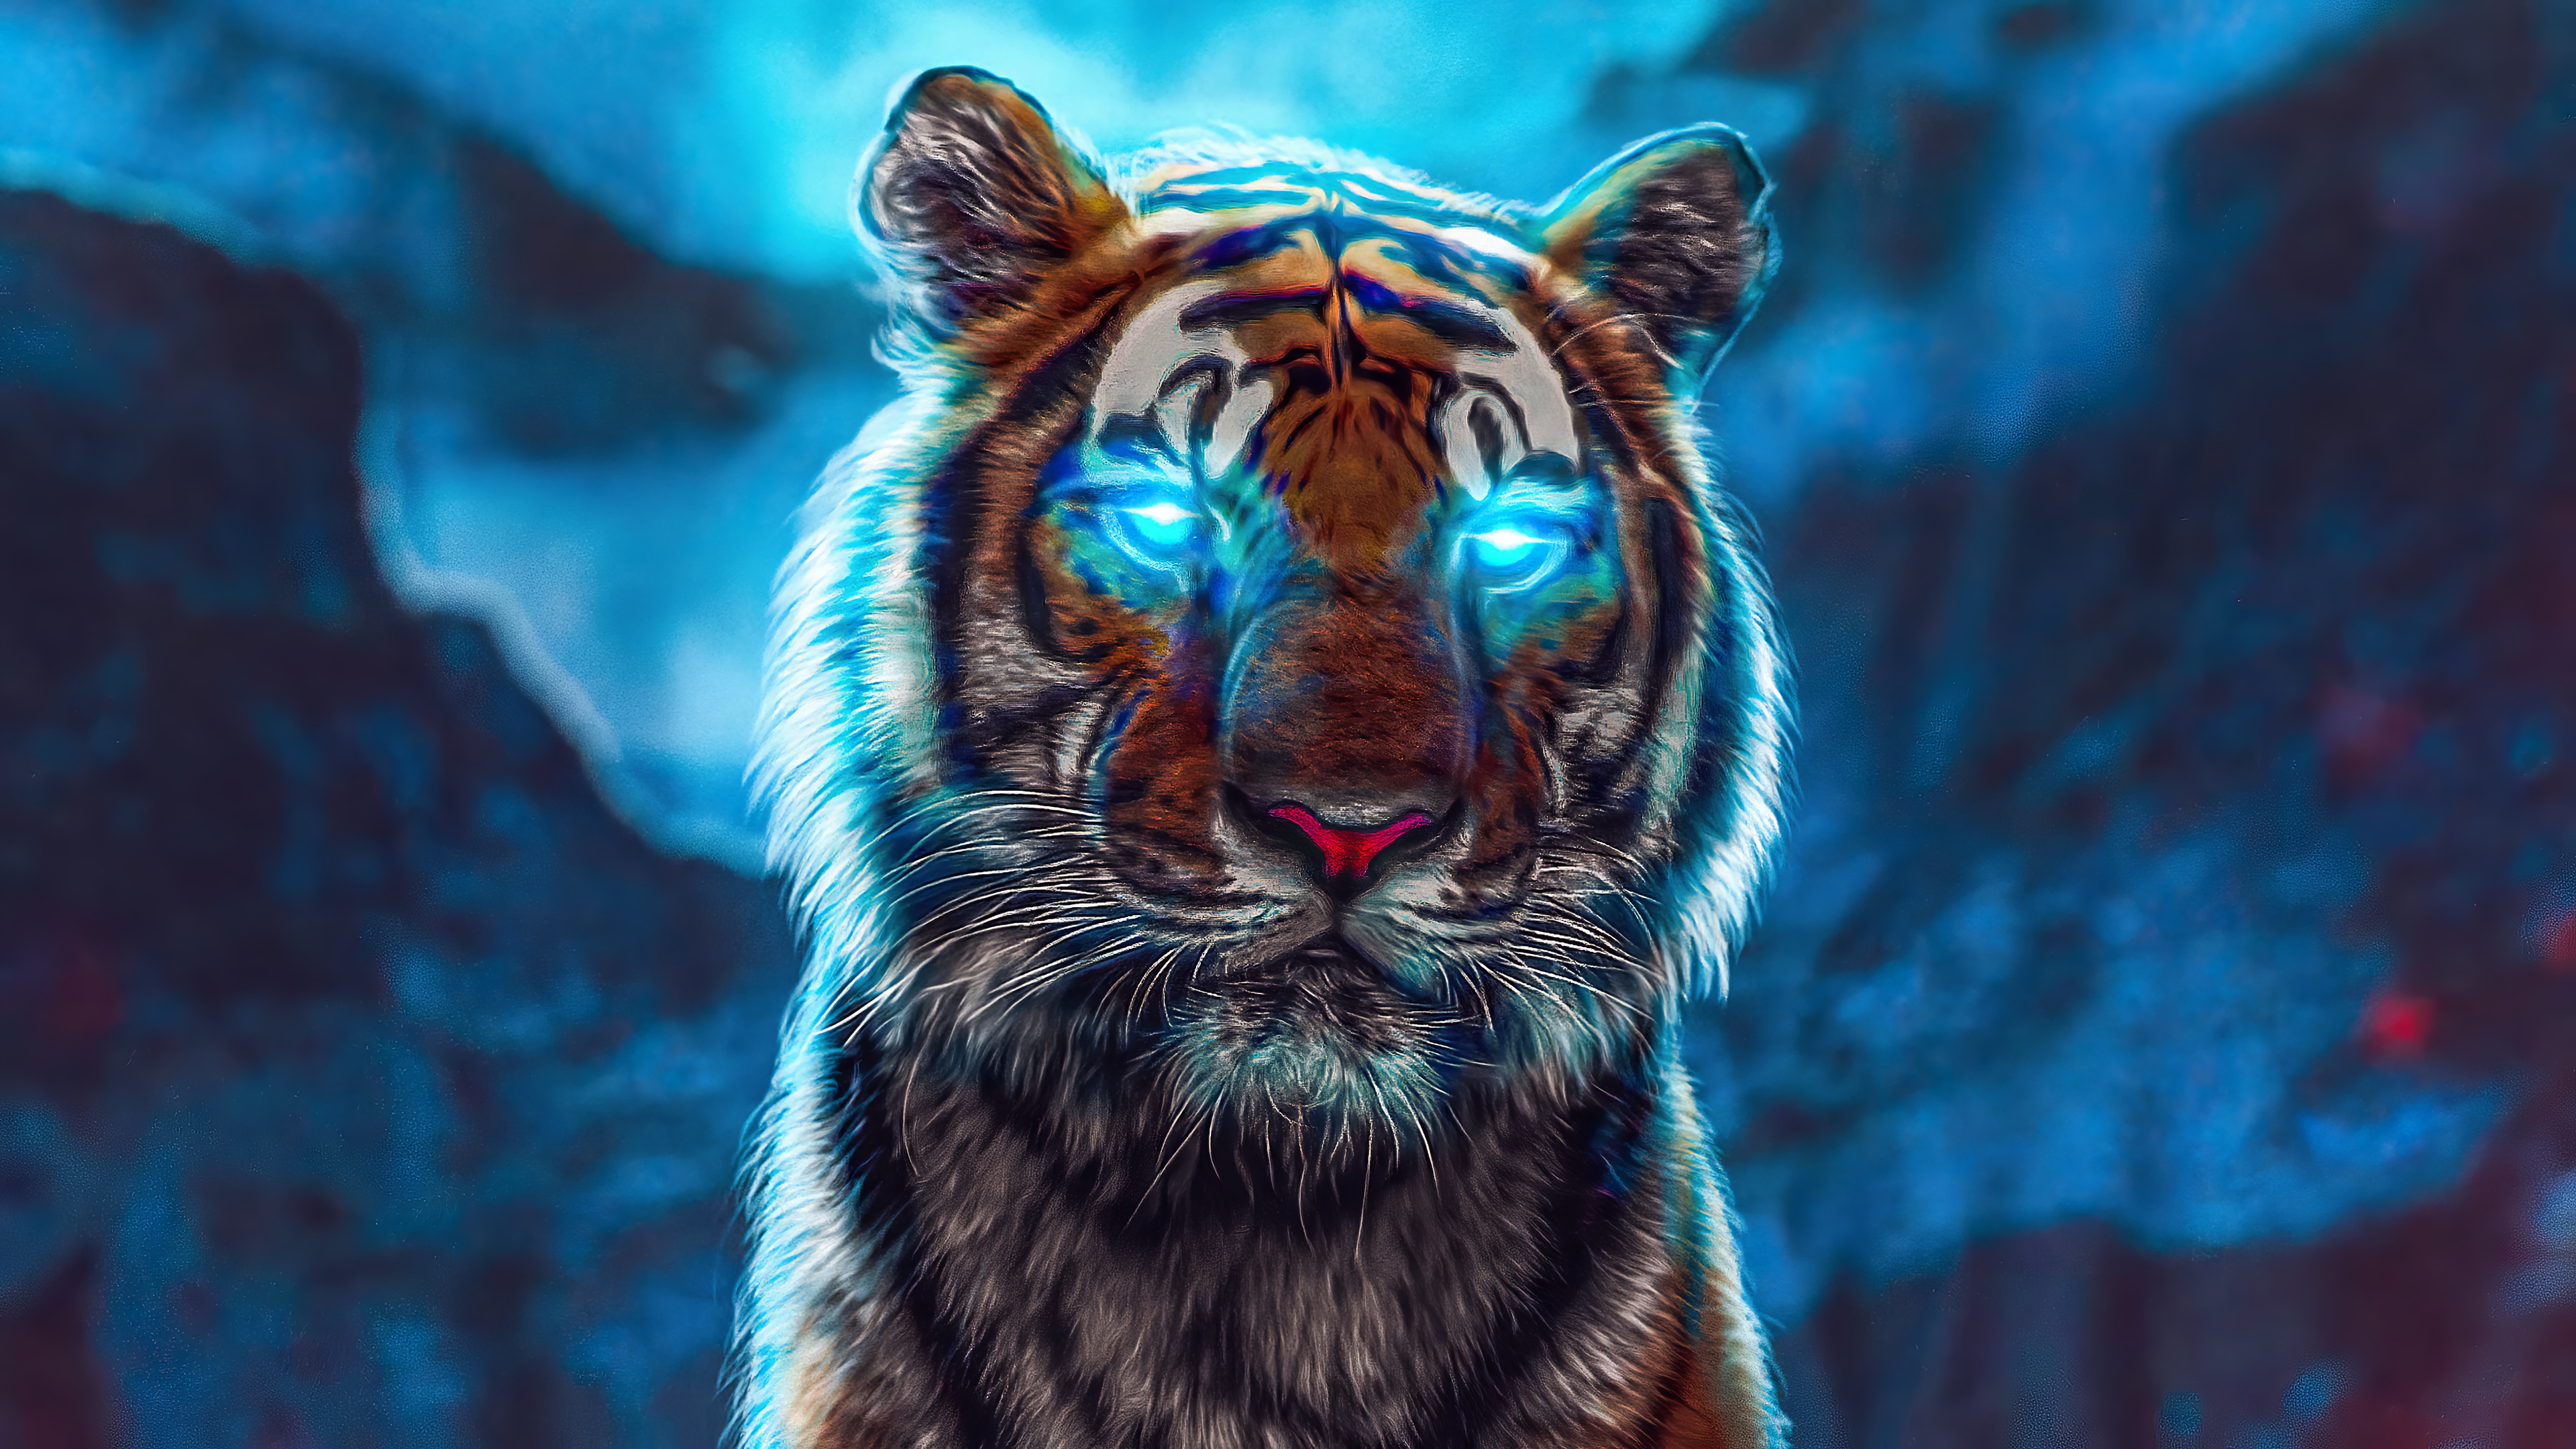 Fondos de pantalla Tigre con ojos iluminados de azul